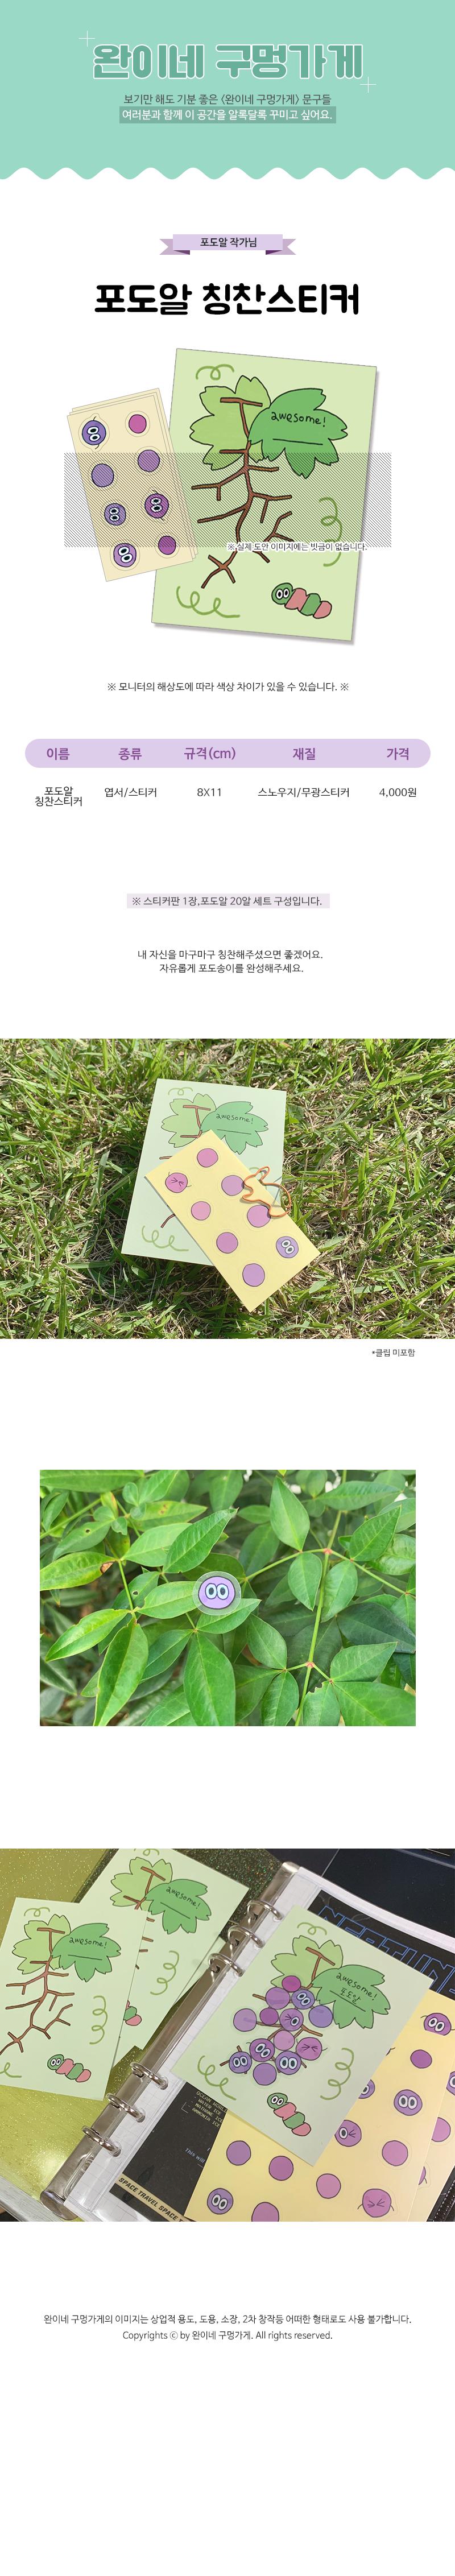 sticker523